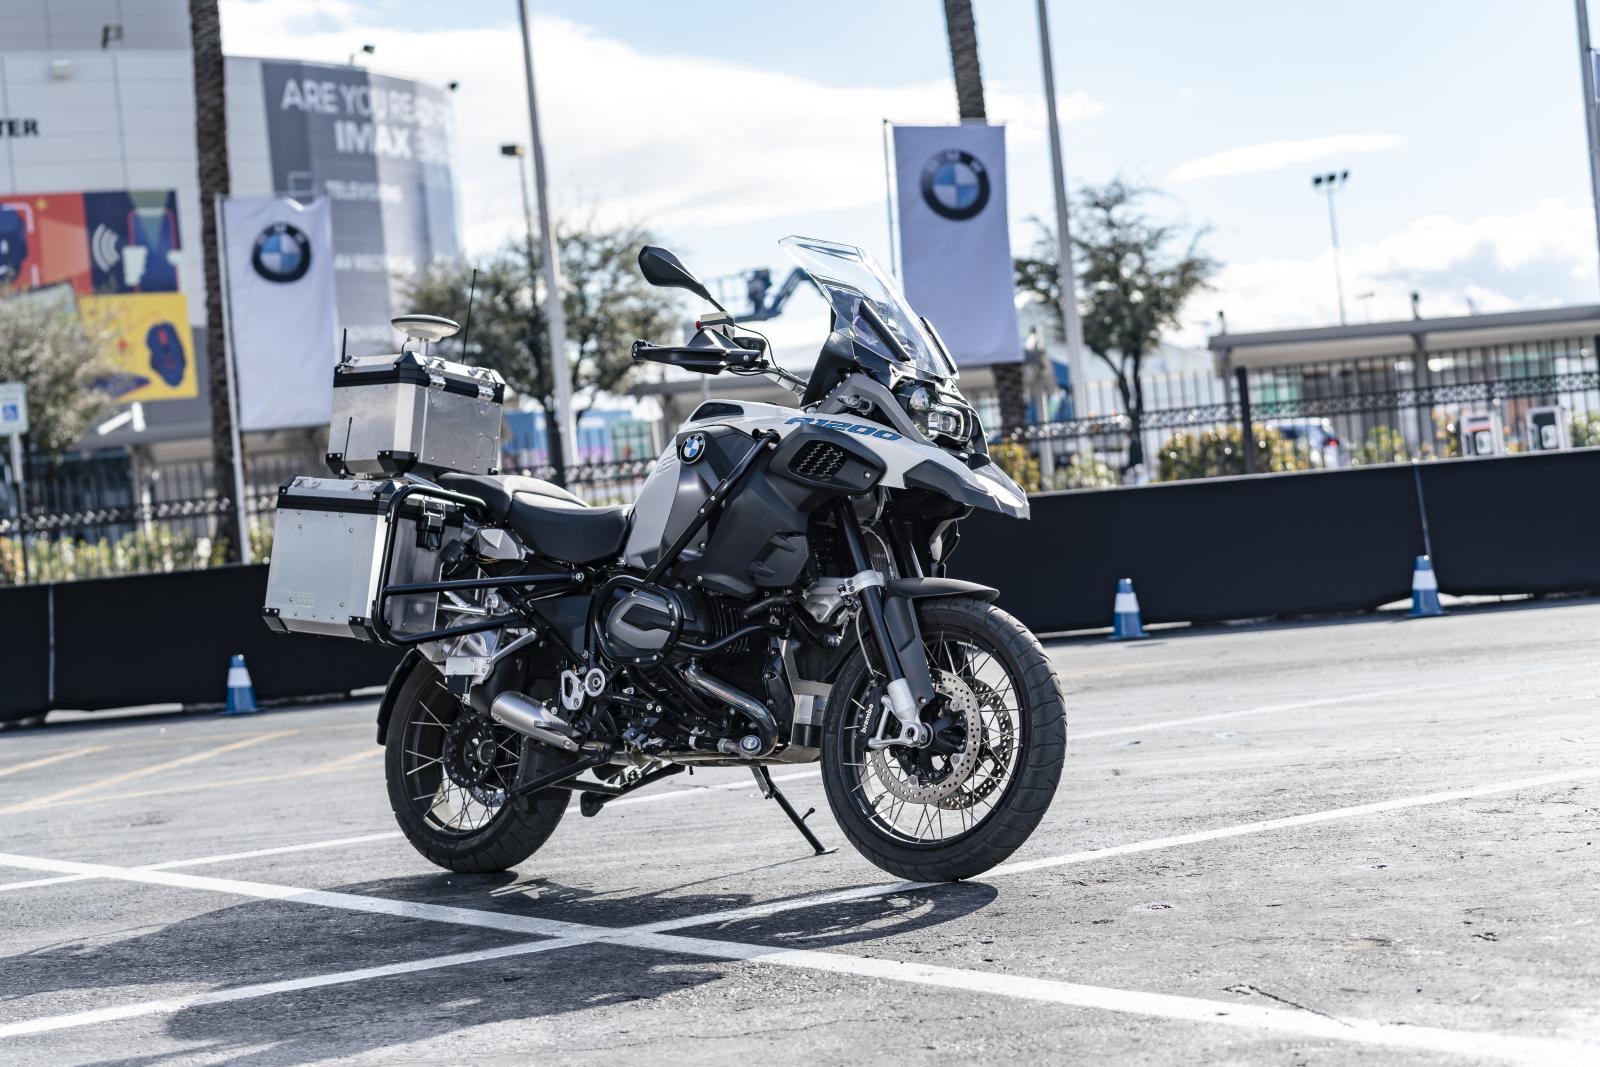 BMW:s självkörande motorcykel